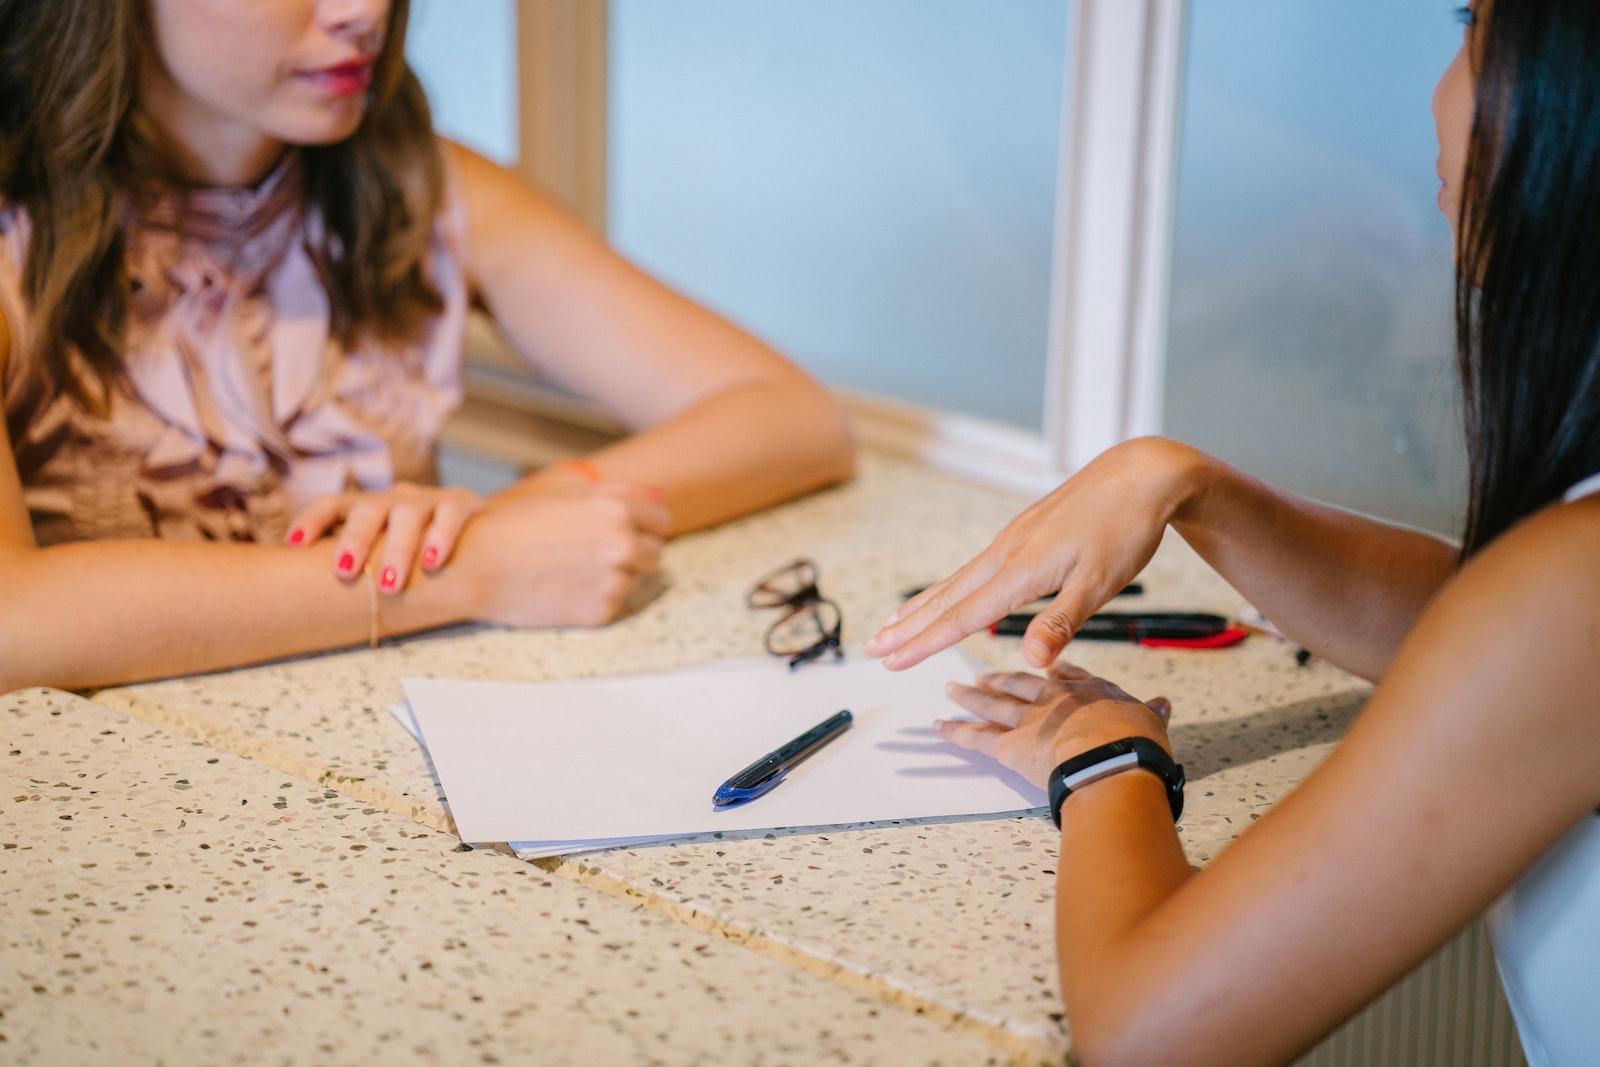 Giv feedback til dine medarbejdere - gid god feedback uden skæld ud